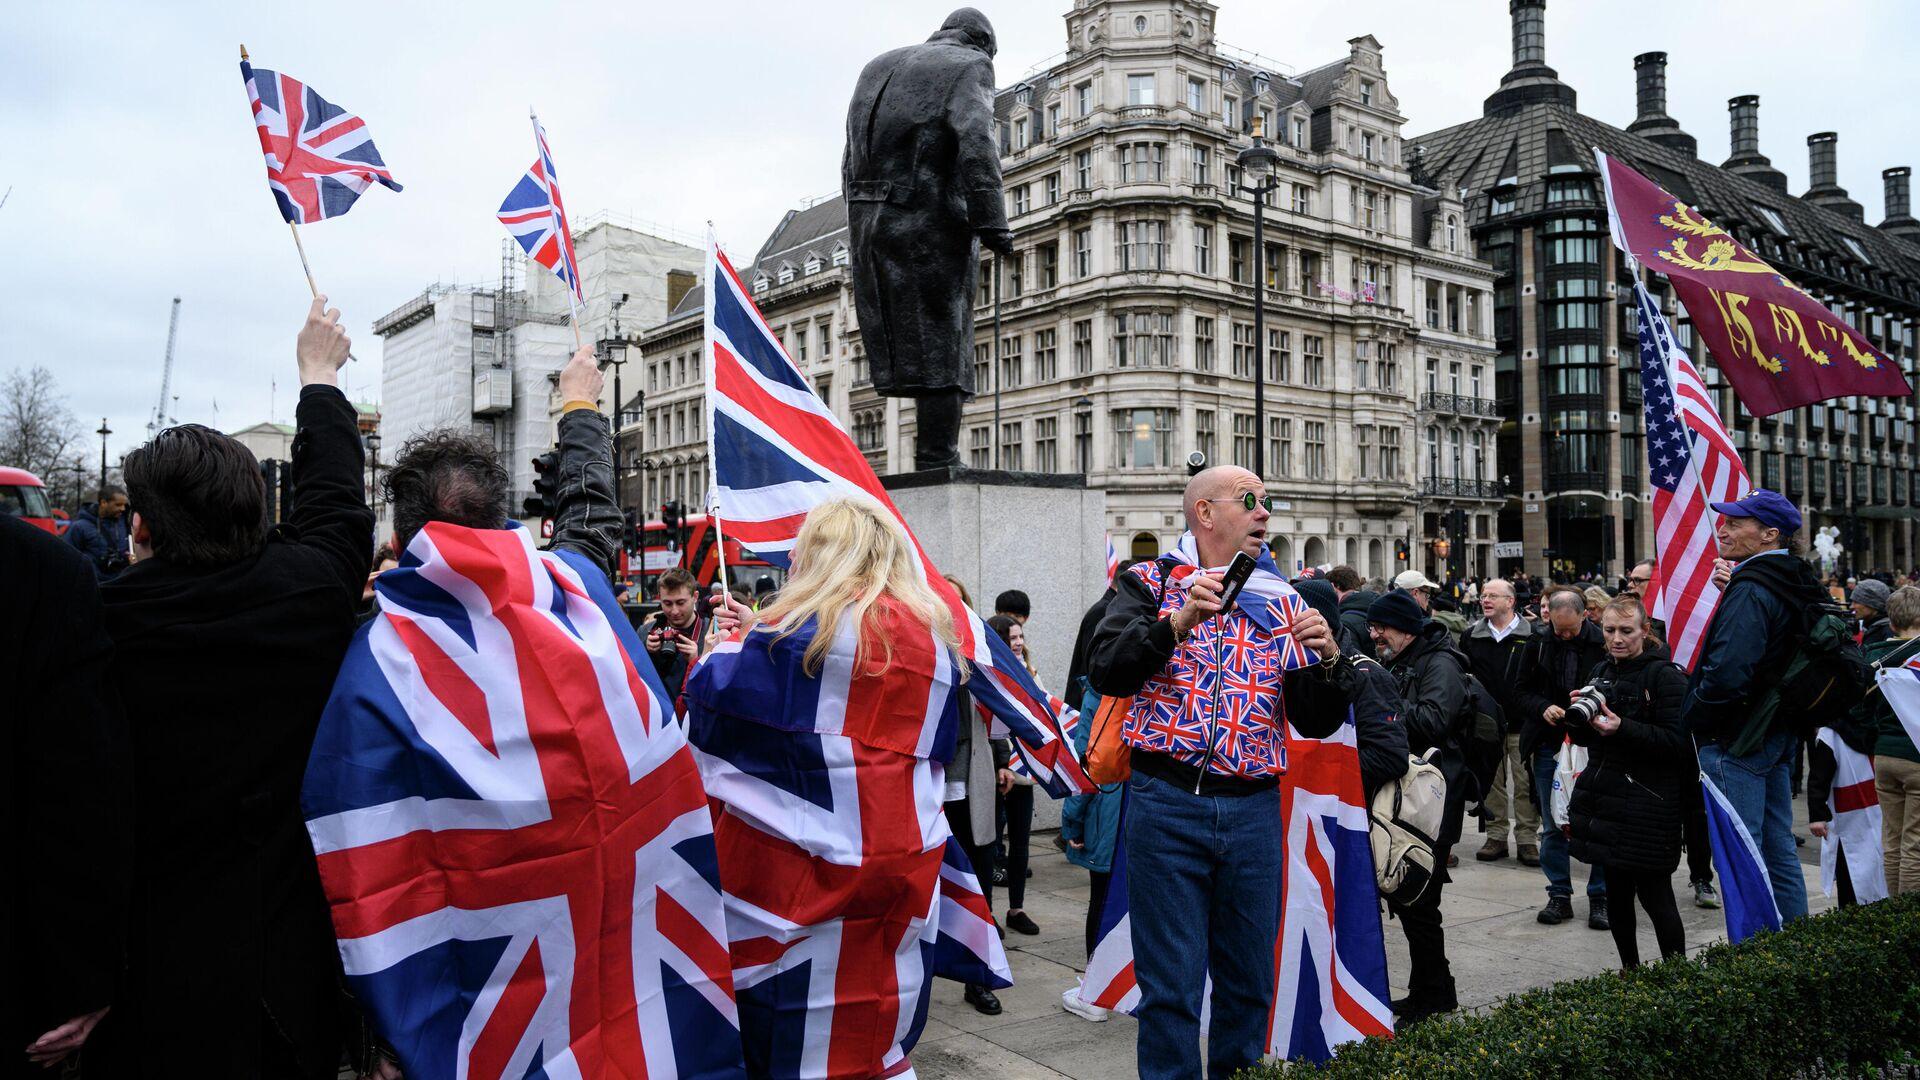 Сторонники Brexit на торжественных мероприятиях, посвященных выходу Великобритании из ЕС (Brexit Party) на площади Парламента в Лондоне - РИА Новости, 1920, 08.10.2020